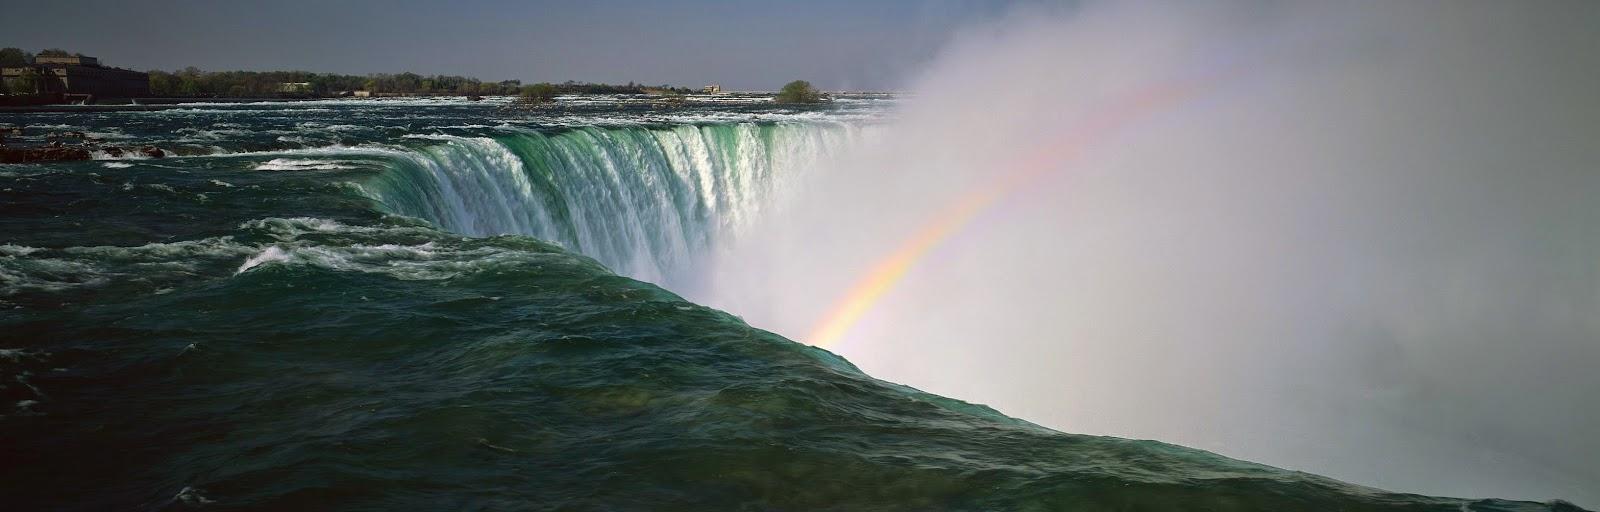 Waterfall rainbow free hd desktop wallpaper